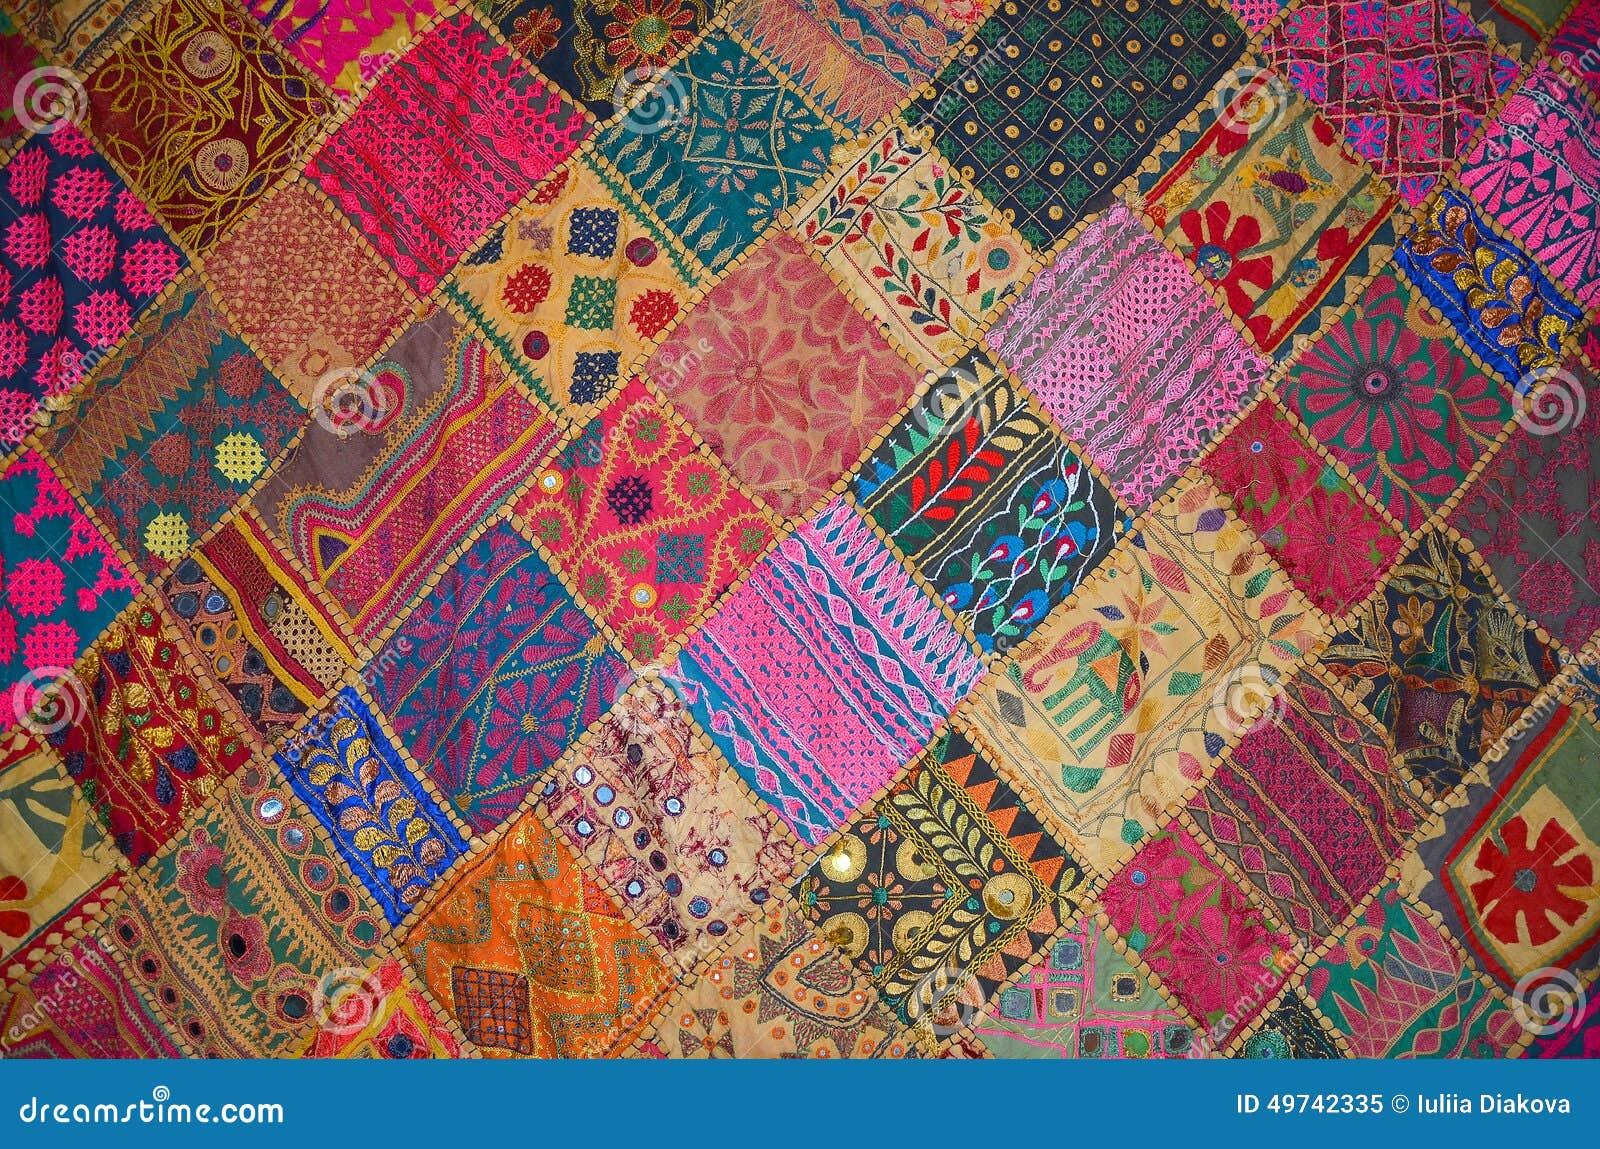 achat couvre lit patchwork Couvre lit De Patchwork Dans Le Style Oriental Image stock   Image  achat couvre lit patchwork